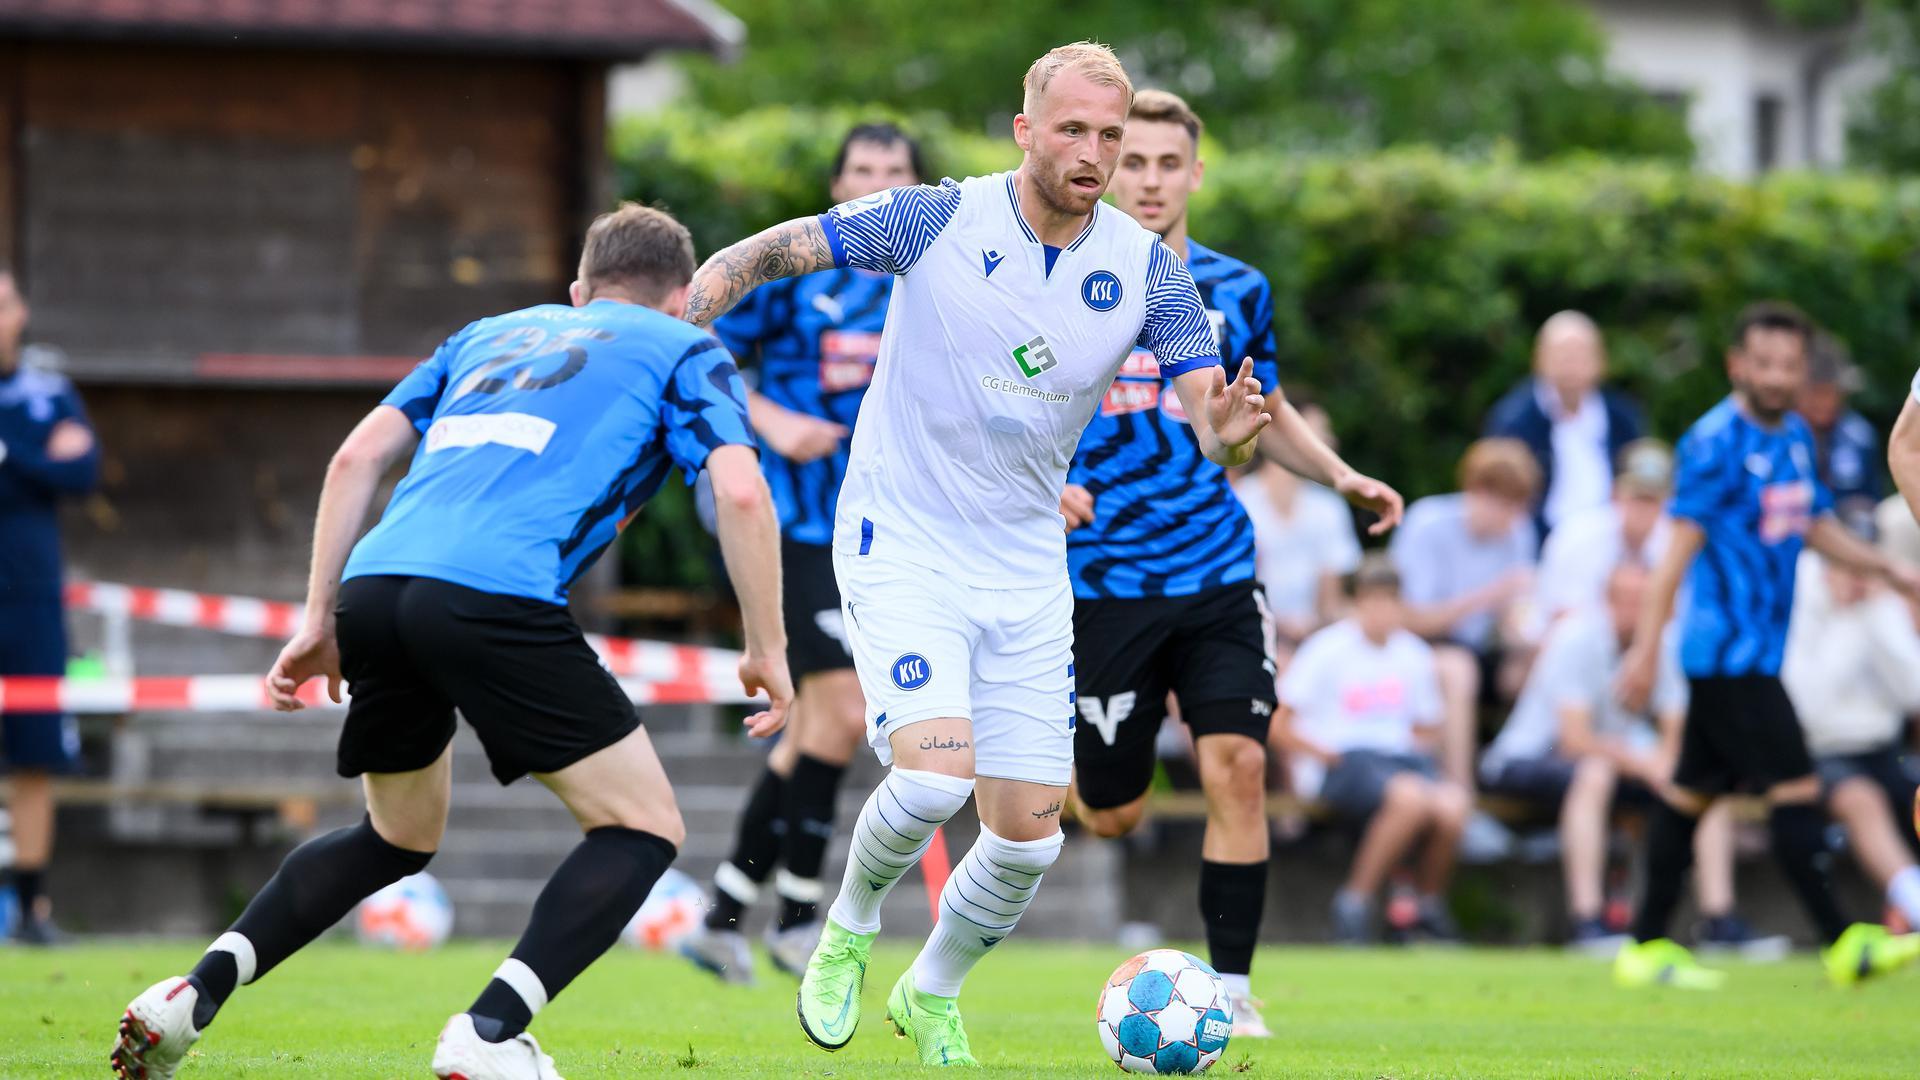 Hängepartie droht: Um die Zukunft von Philipp Hofmann ranken sich weiter Unklarheiten. Der KSC denkt an eine Deadline.